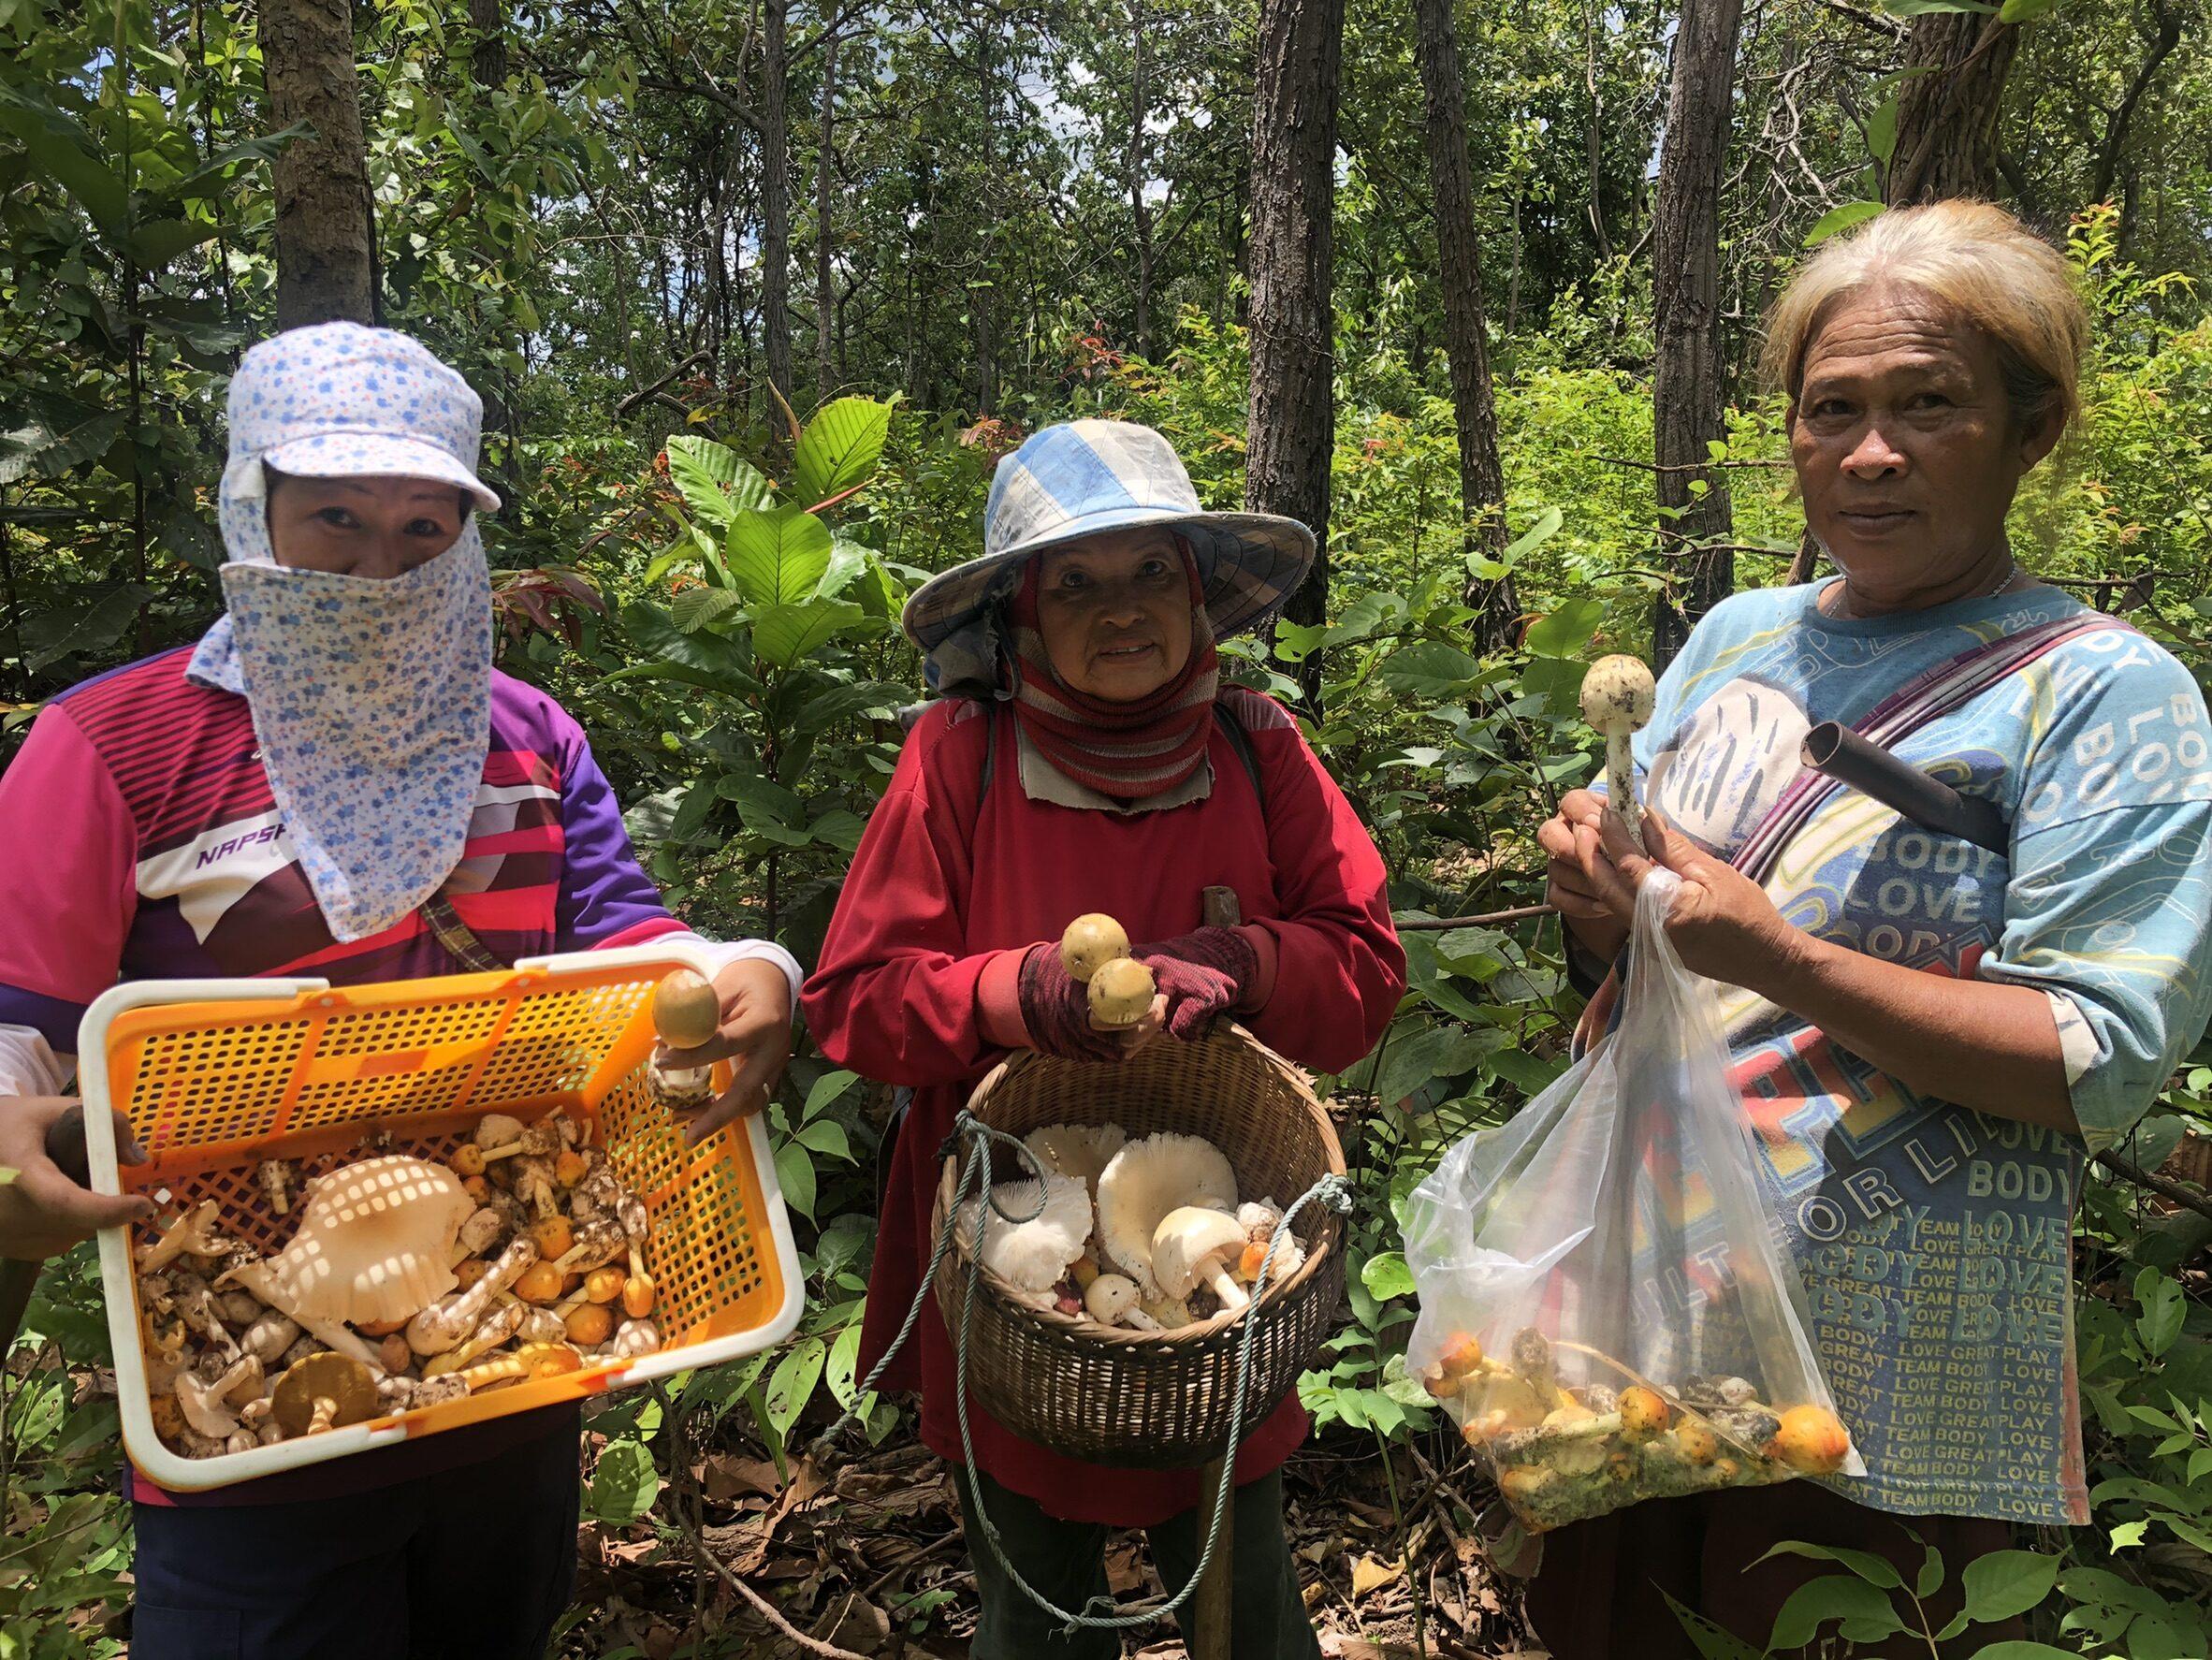 ฝนชุกตลาดเห็ดป่าคึกคัก  ทำเงินวันละครึ่งหมื่นสู้โควิด